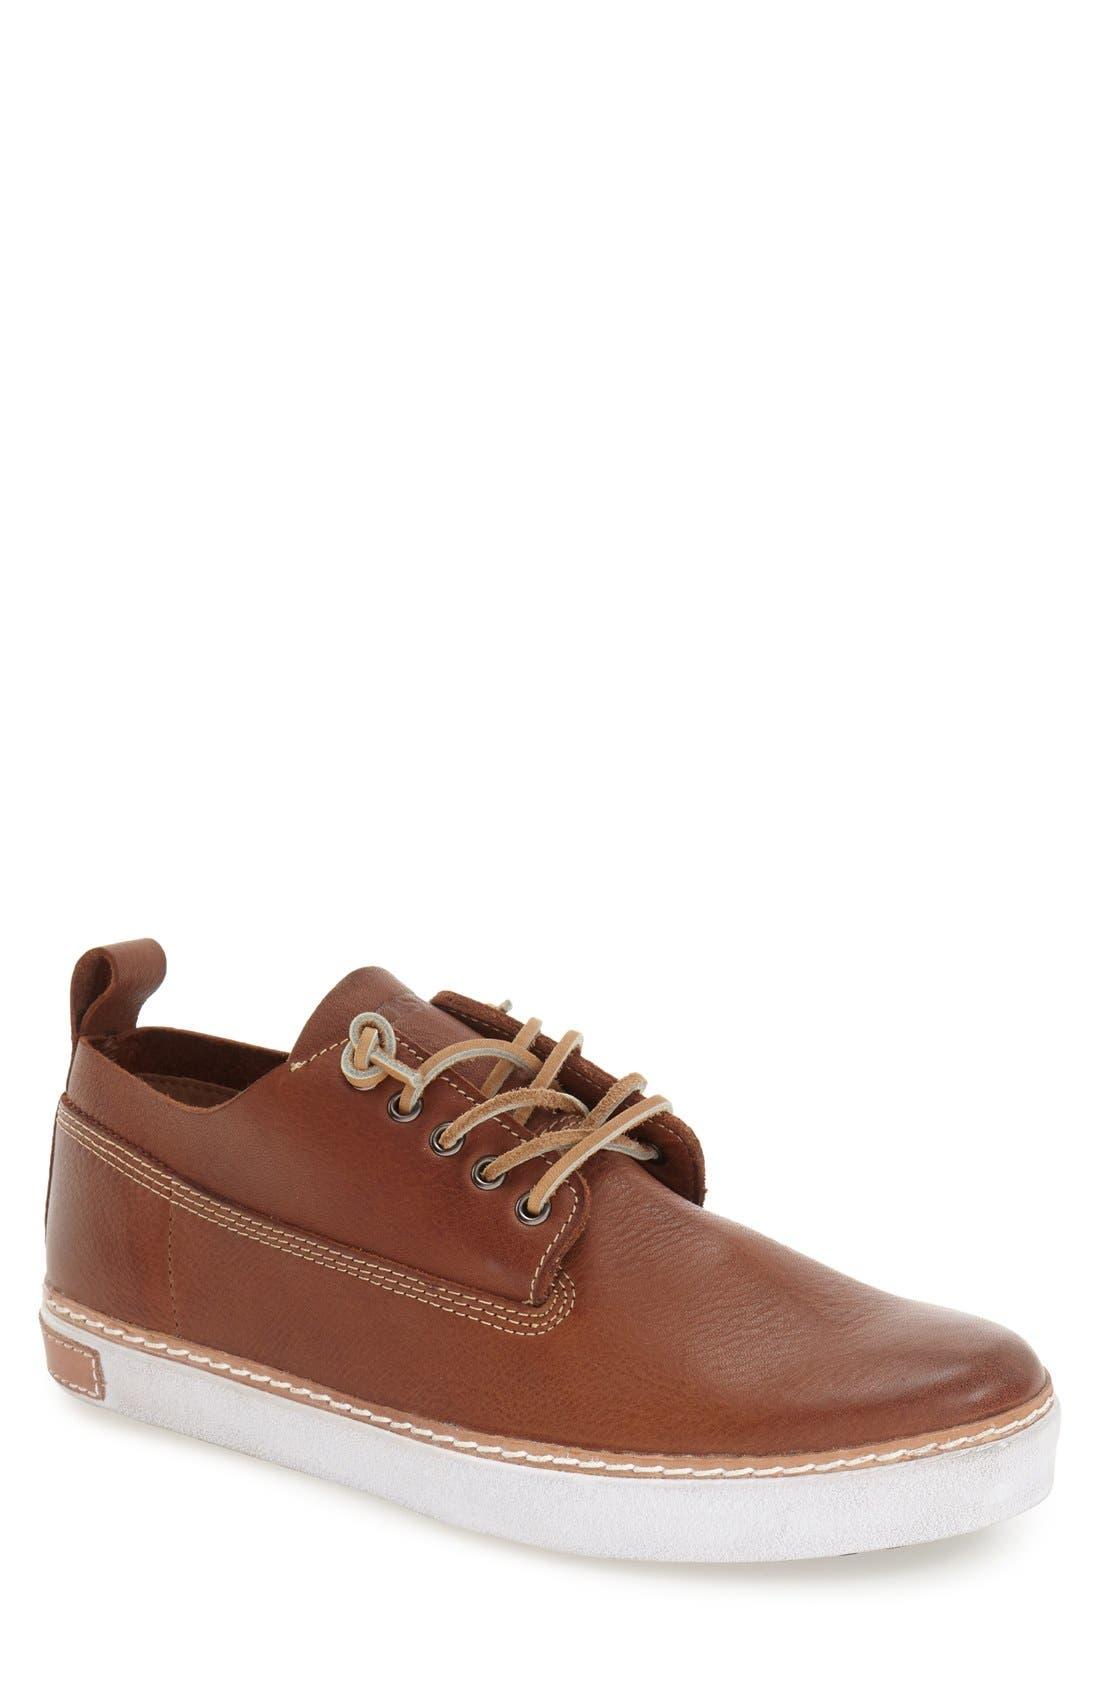 Main Image - Blackstone 'DM 10' Sneaker (Men)